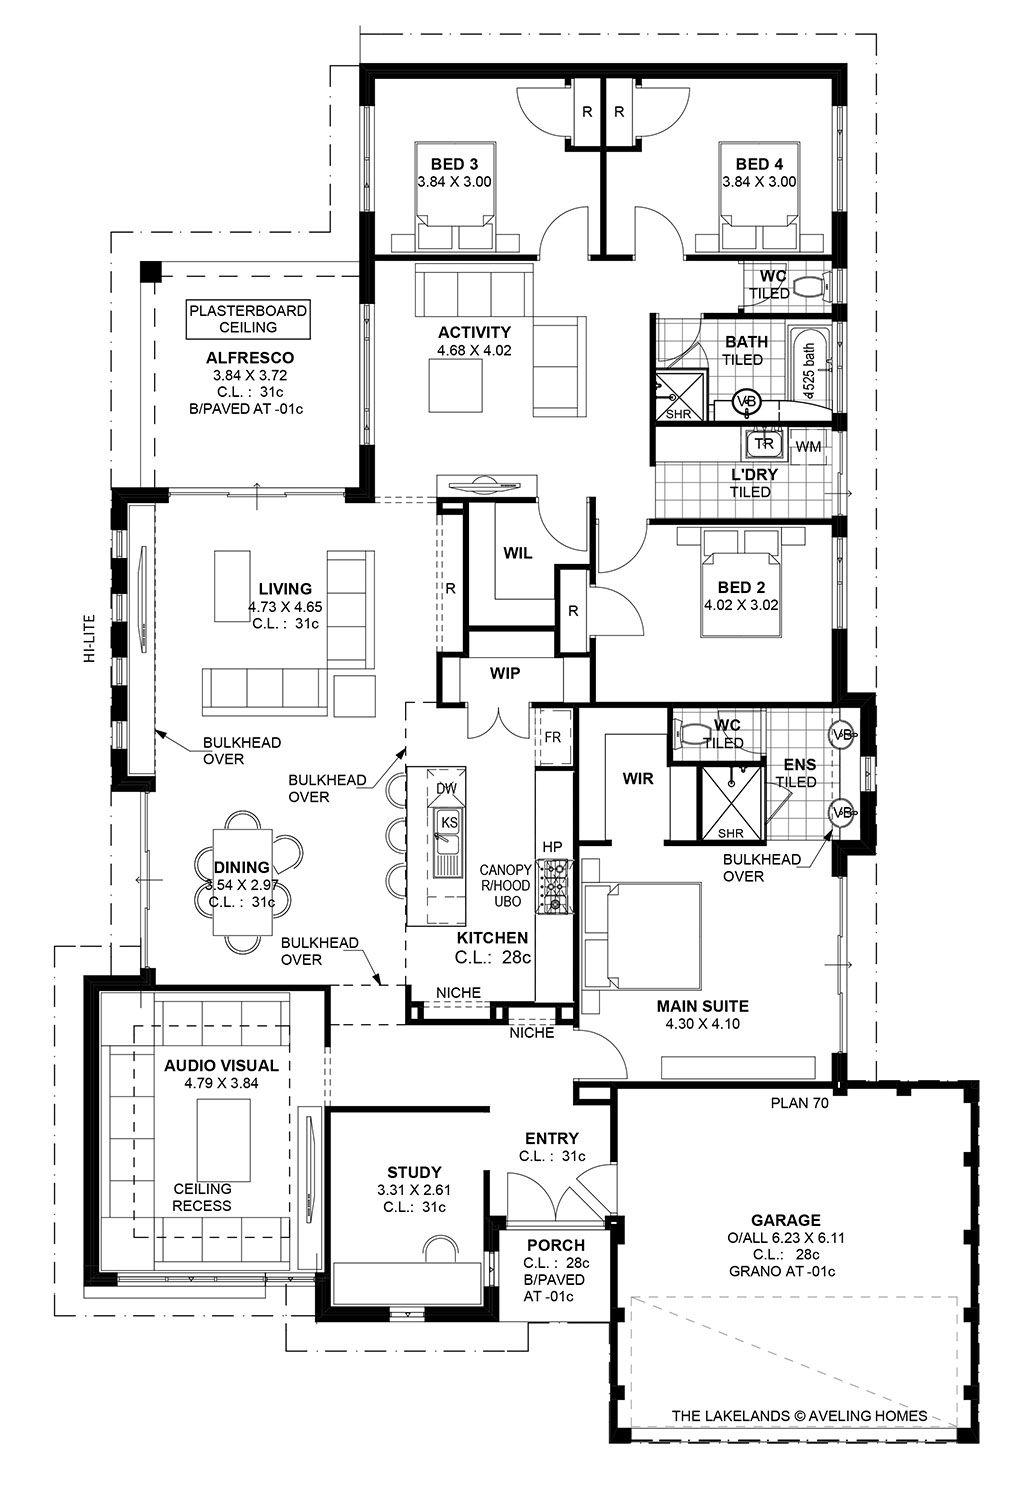 Lakelands S1 Aveling Homes House Plans Australia Home Design Floor Plans Floor Plans